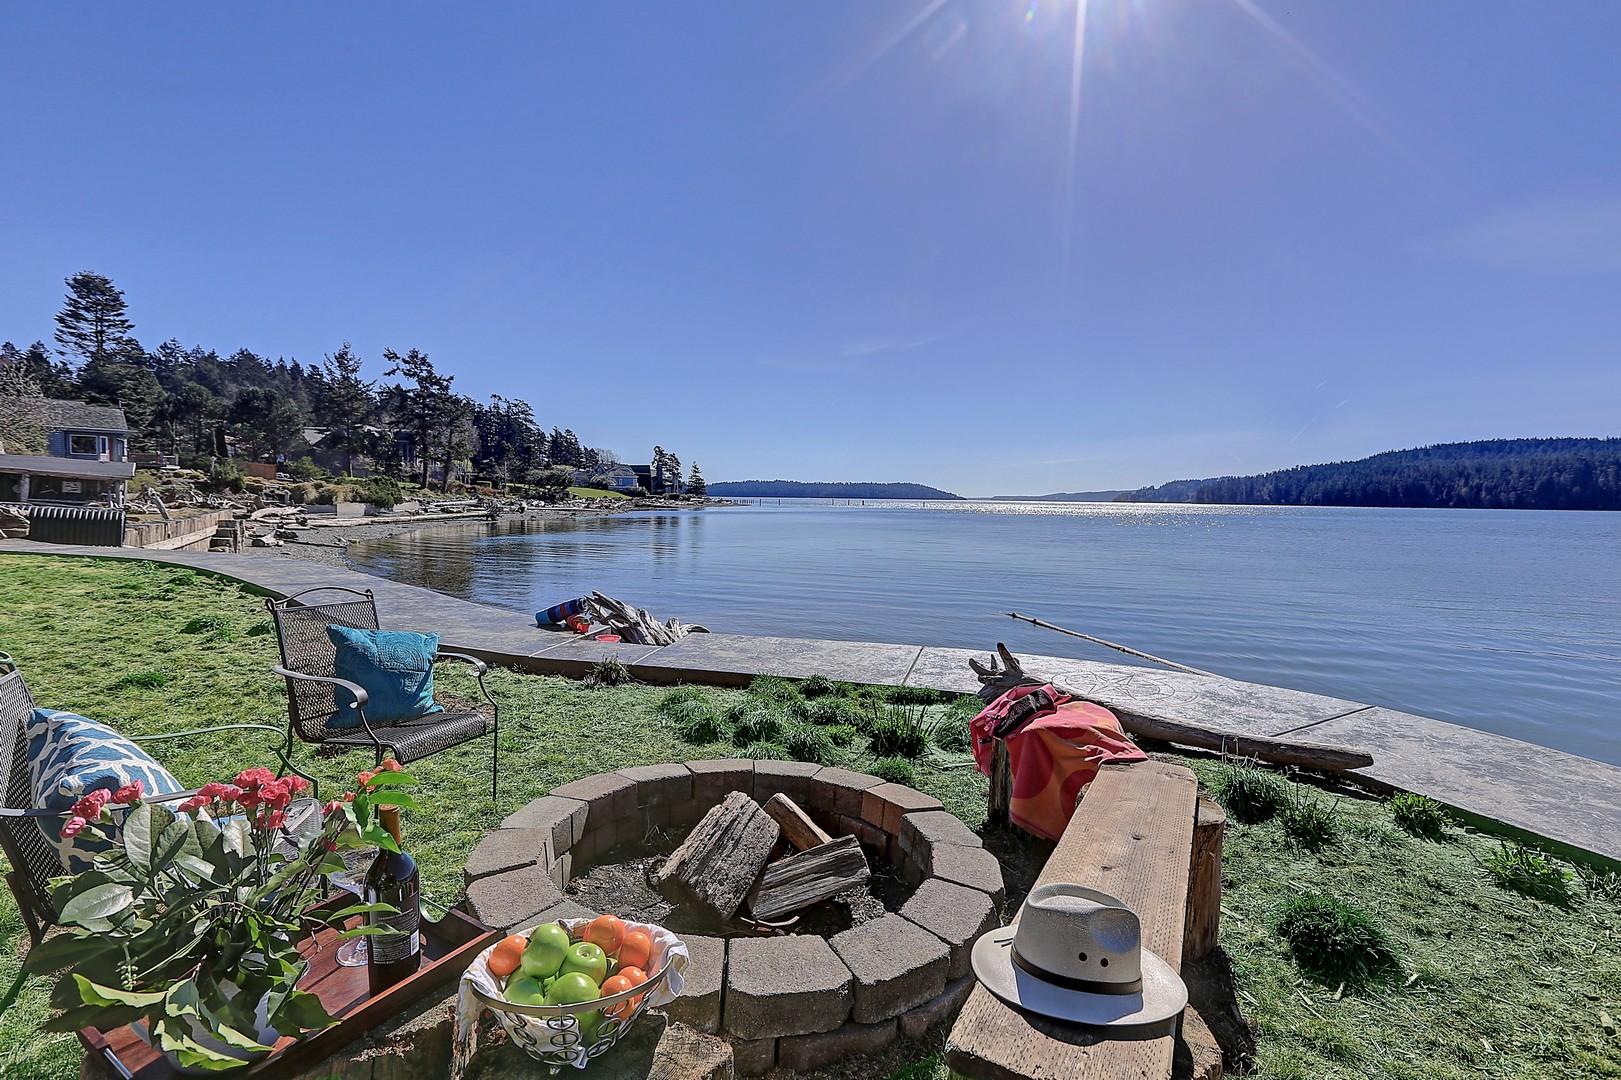 Частный односемейный дом для того Продажа на Private Cove on Sandy Dewey Beach 15247 Gibralter Rd Anacortes, Вашингтон, 98221 Соединенные Штаты